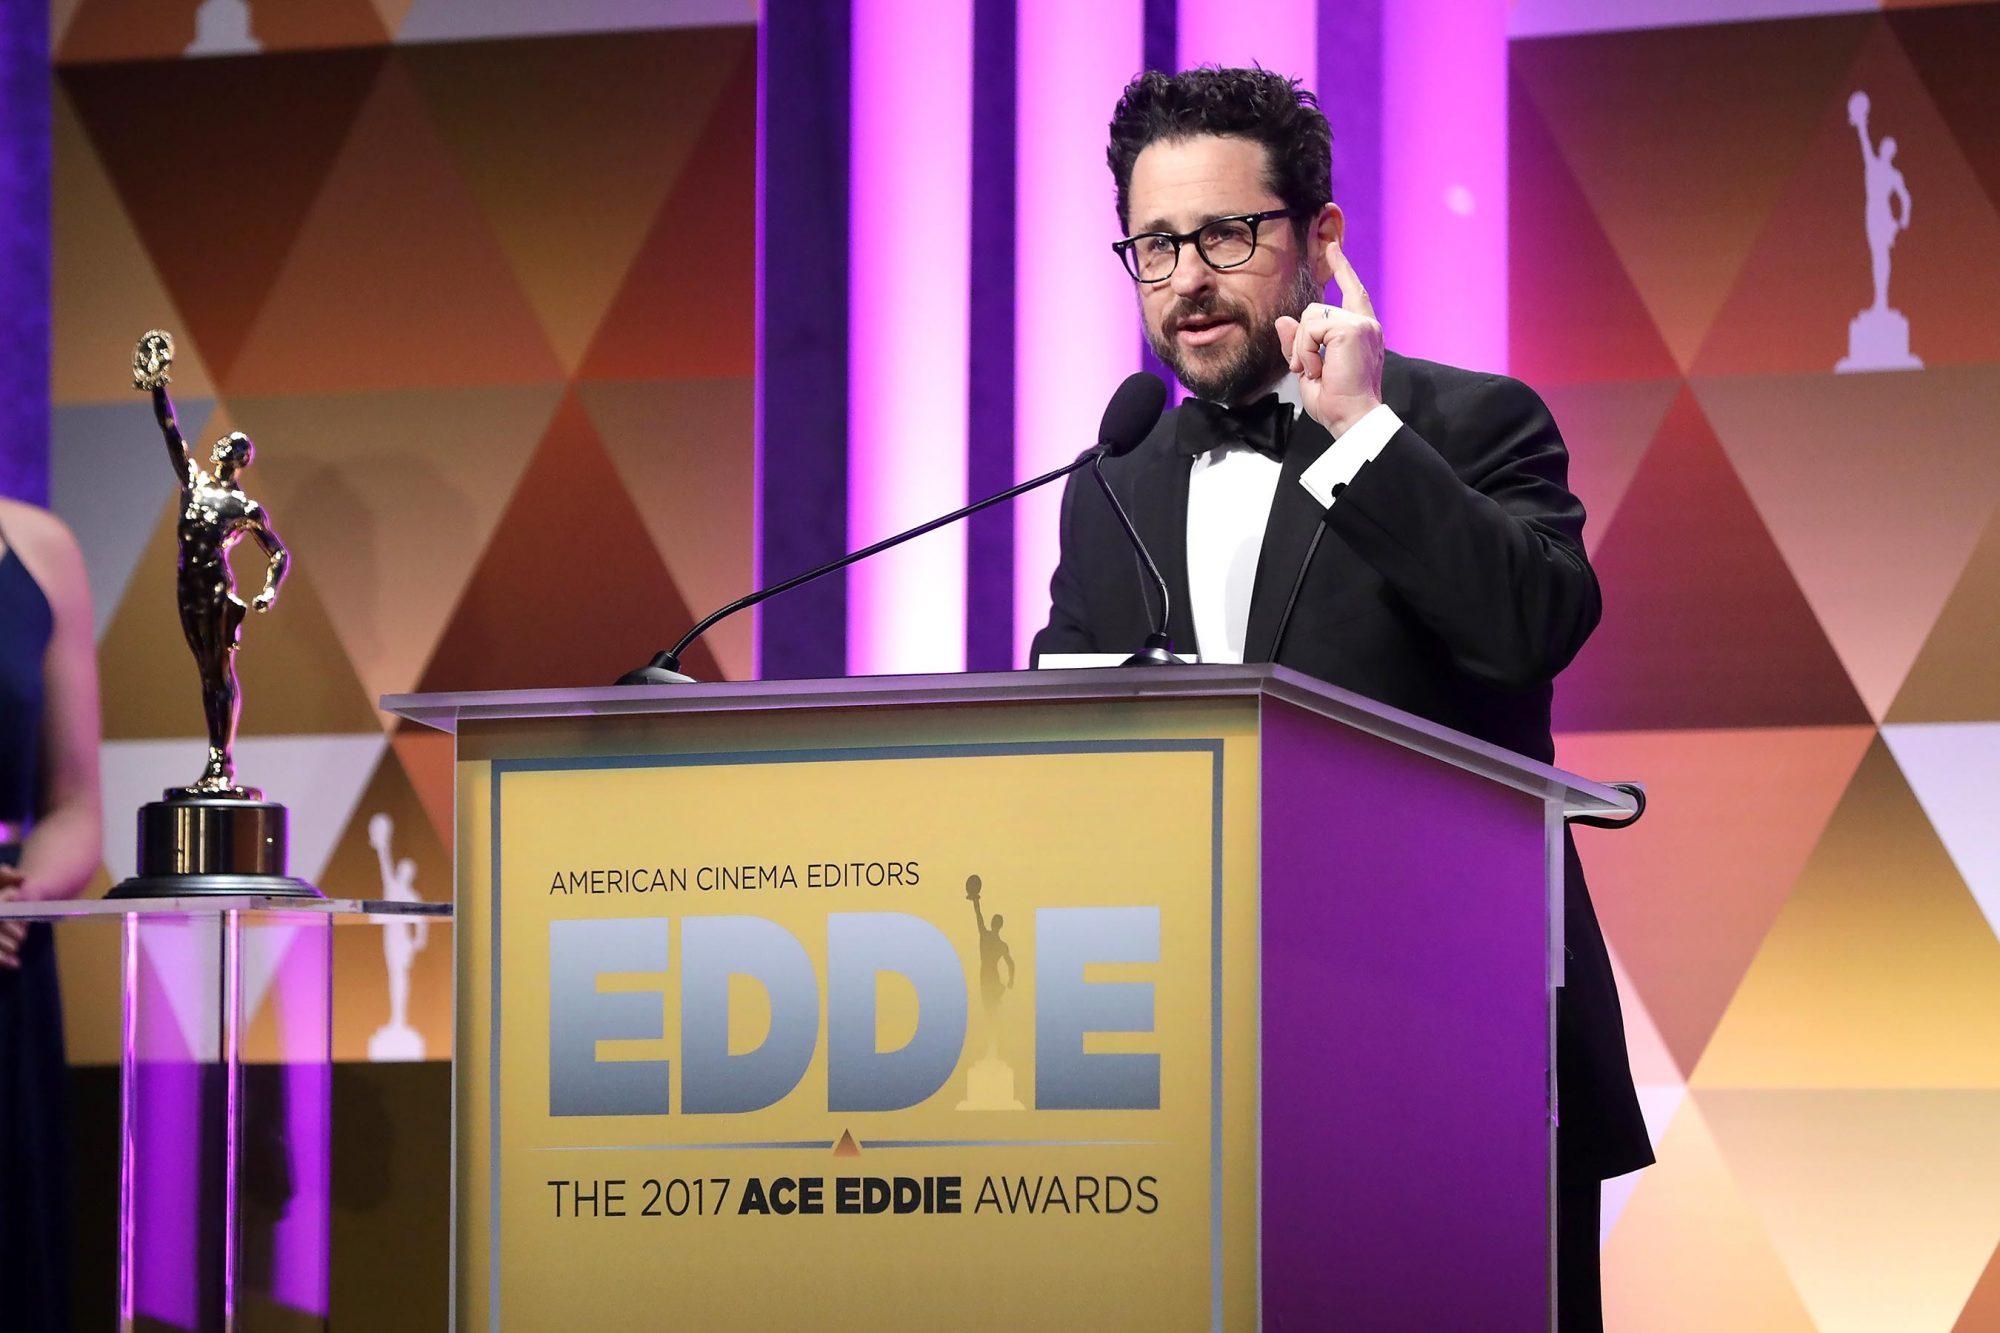 67th Annual ACE Eddie Awards - Inside